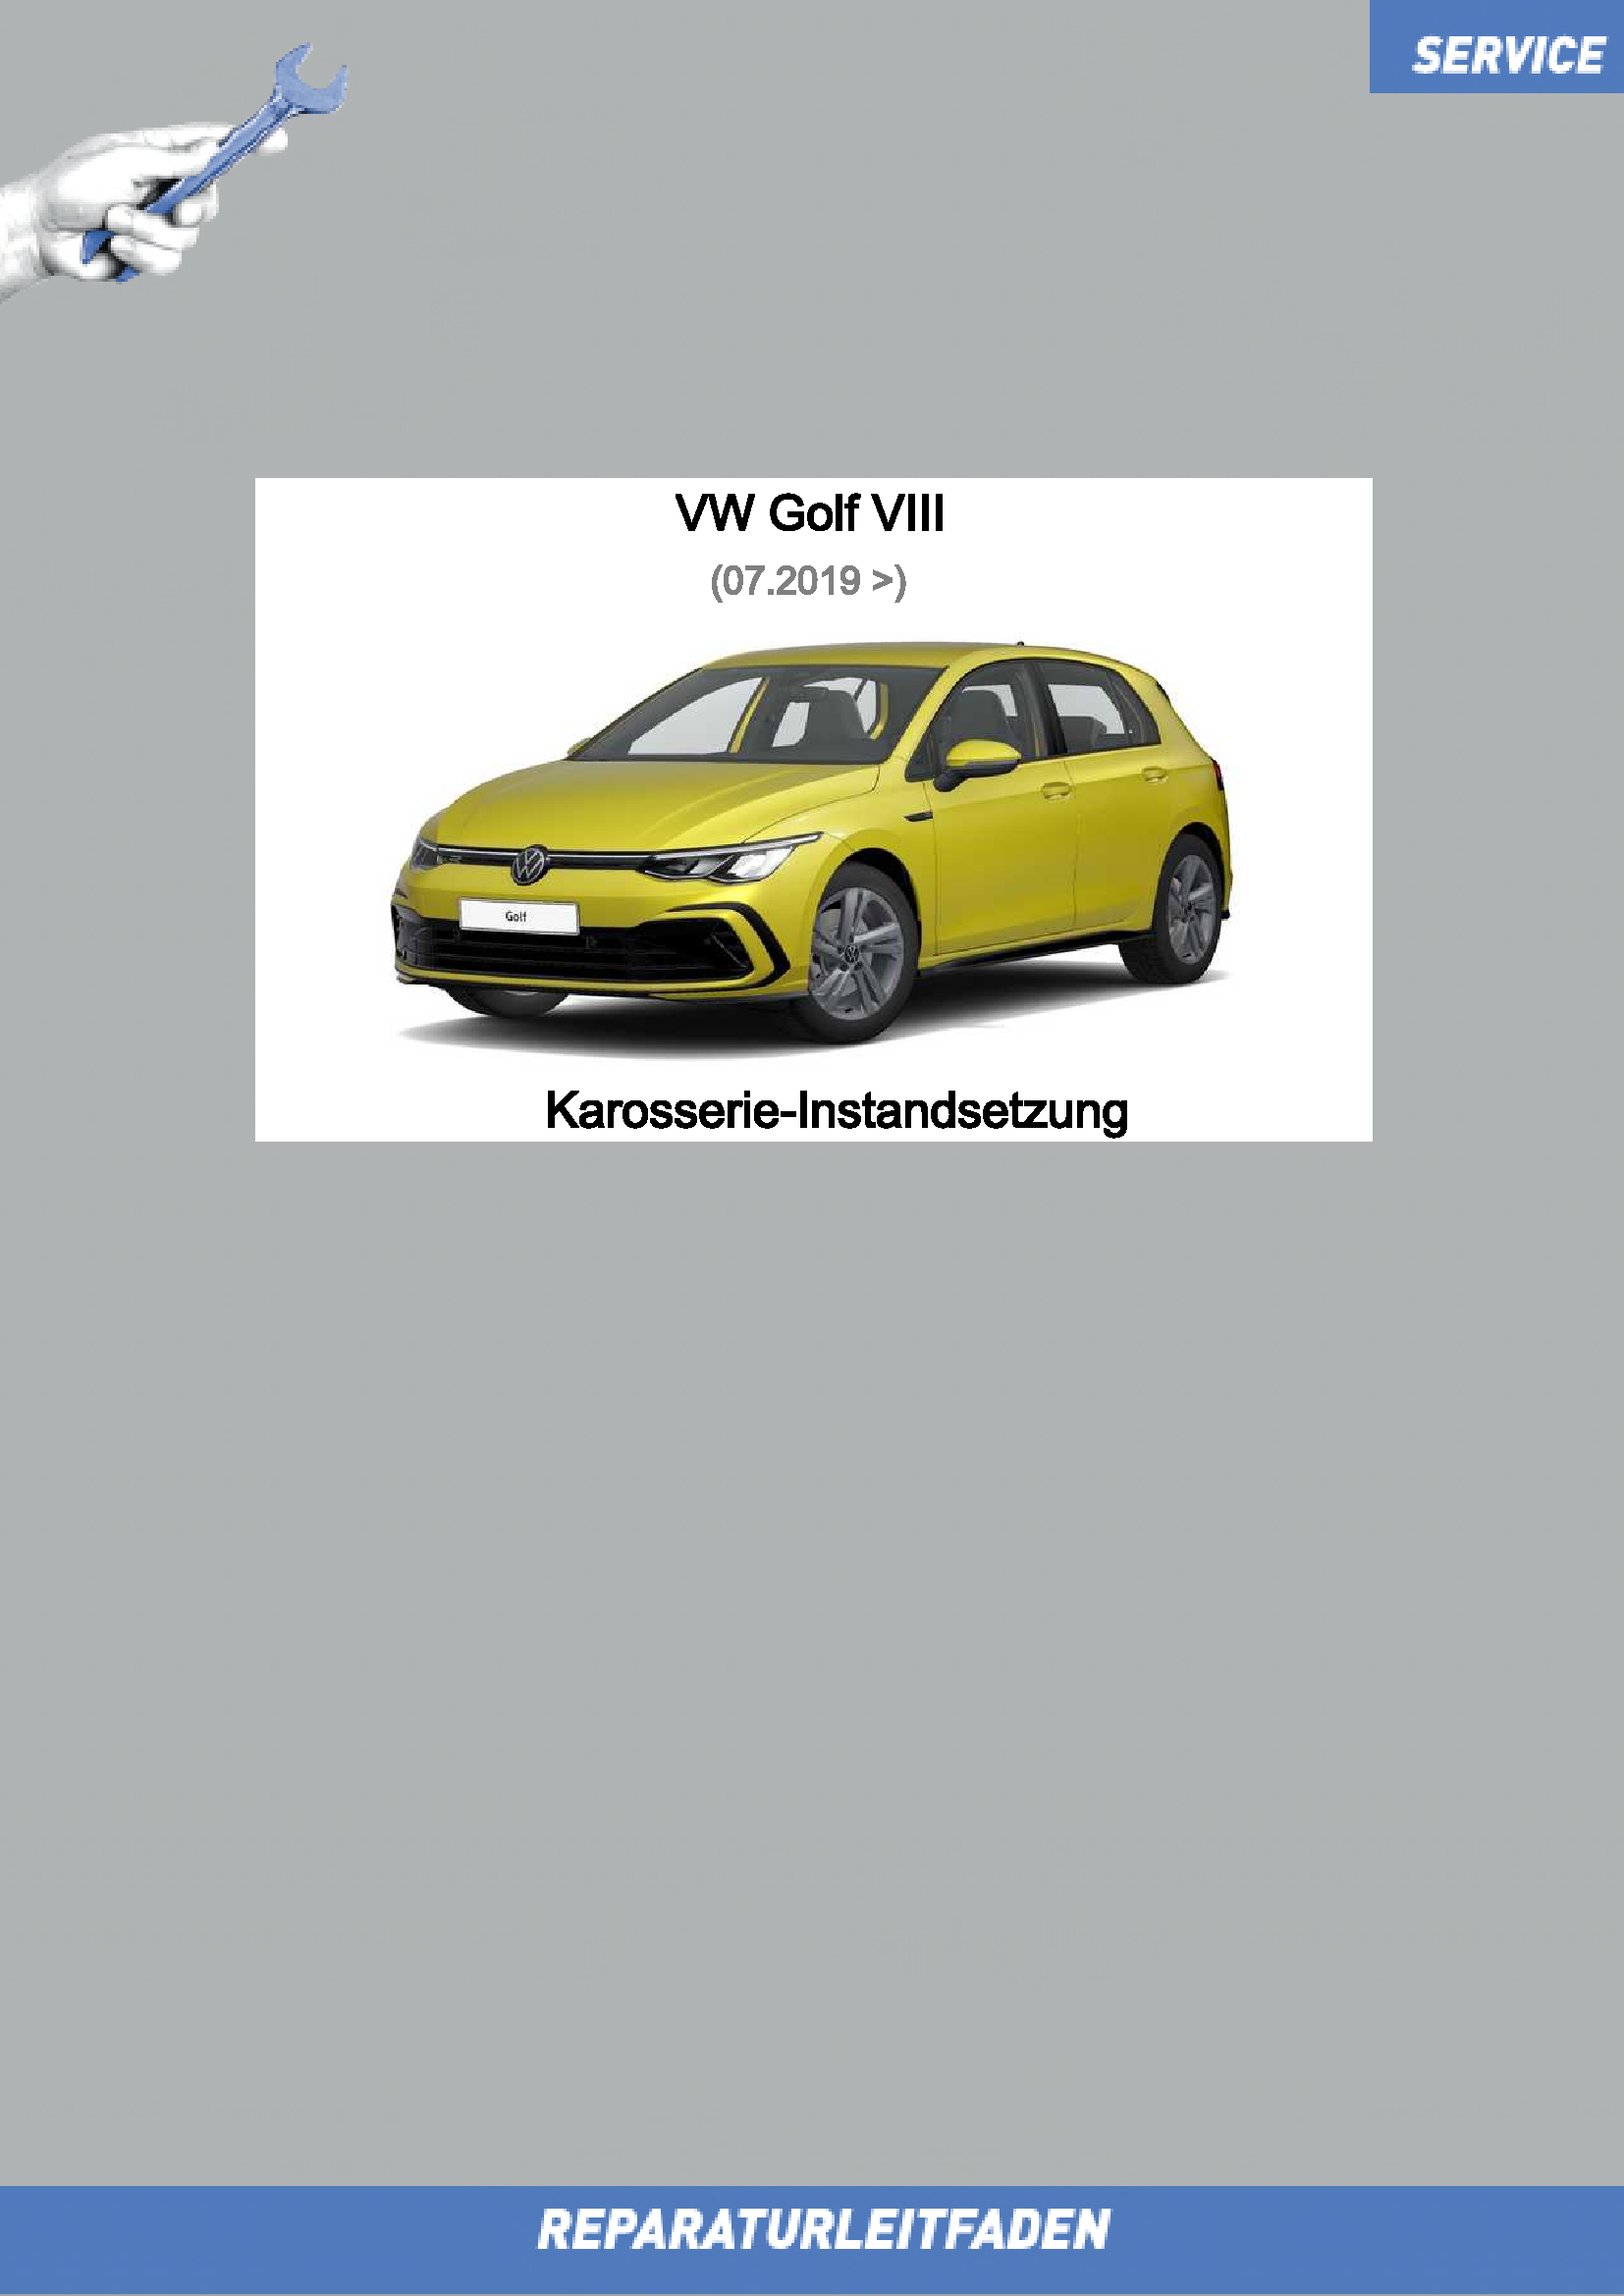 vw-golf-8-0029-karosserie_instandsetzung_1.png